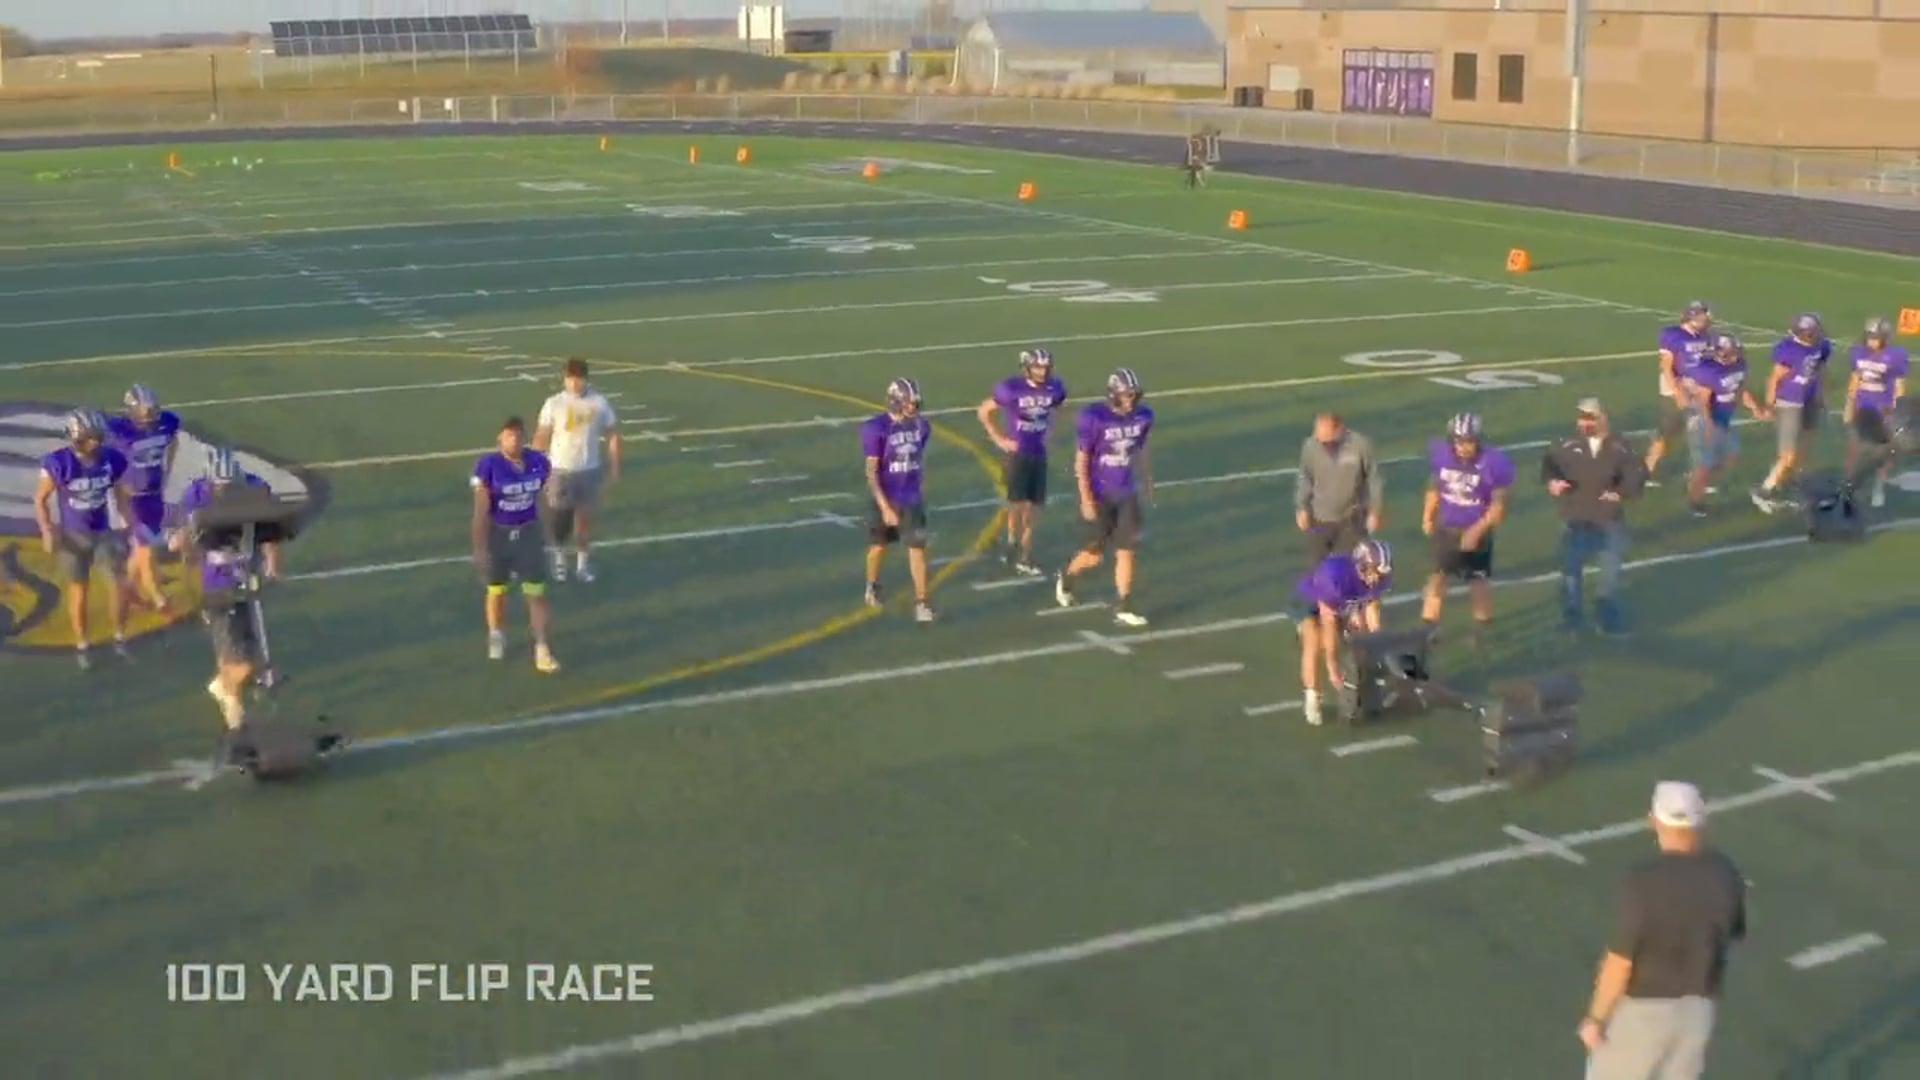 100 Yard Flip Race